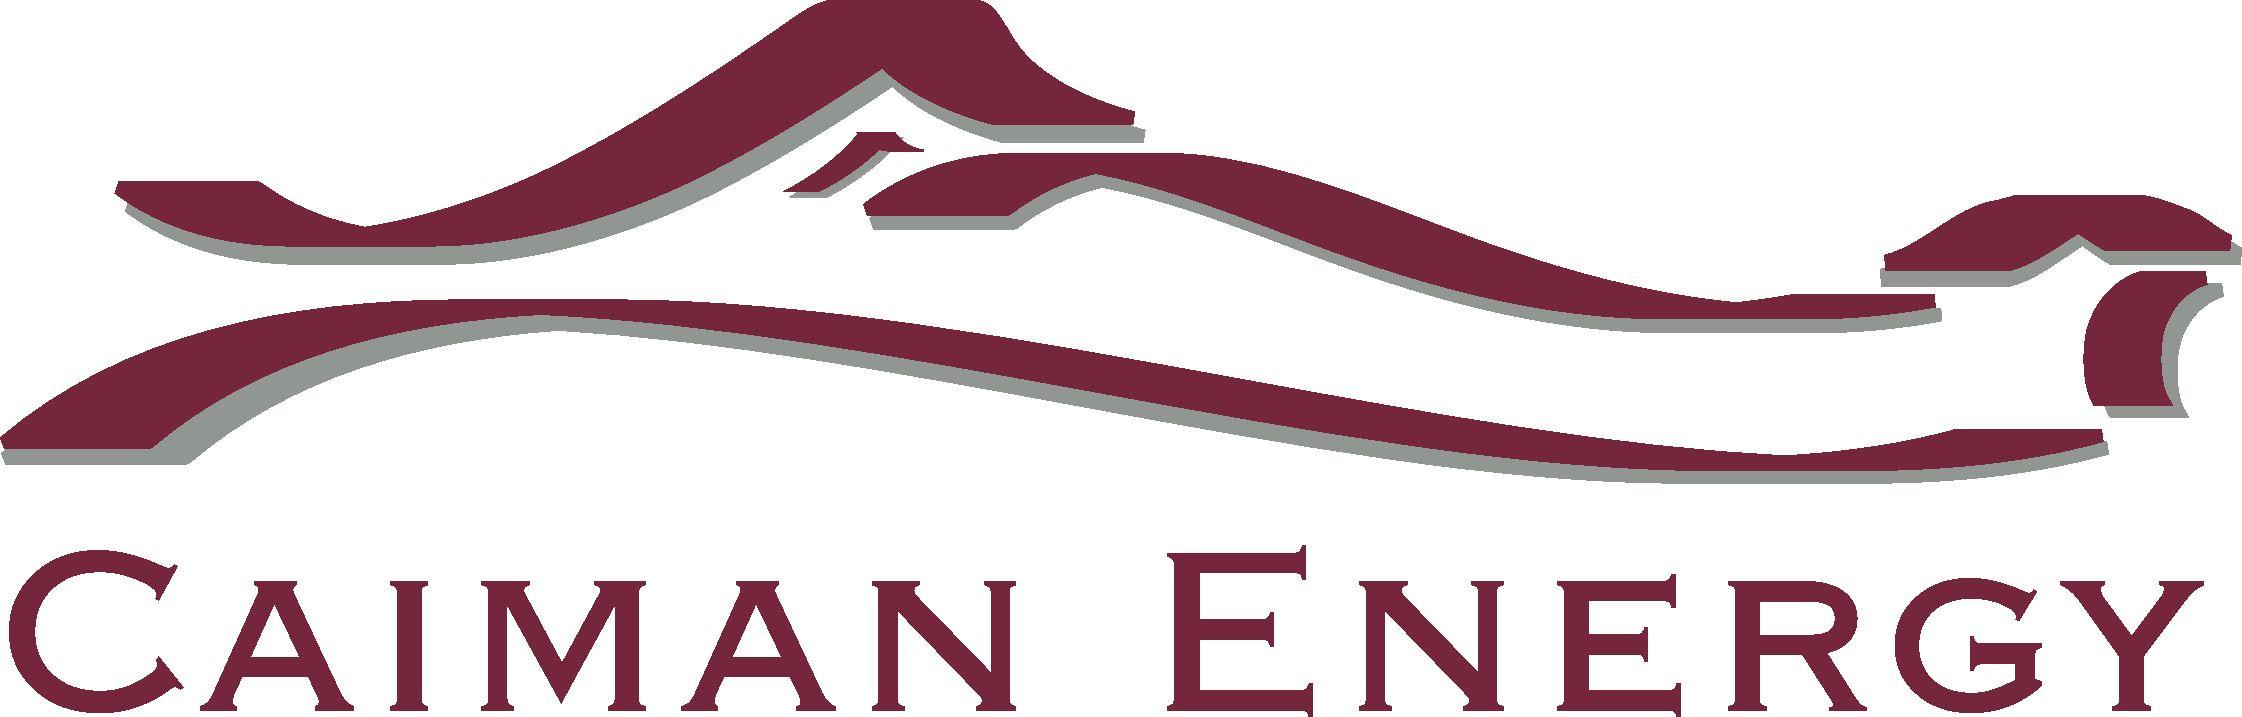 Caiman logo-Full color-curves.jpg